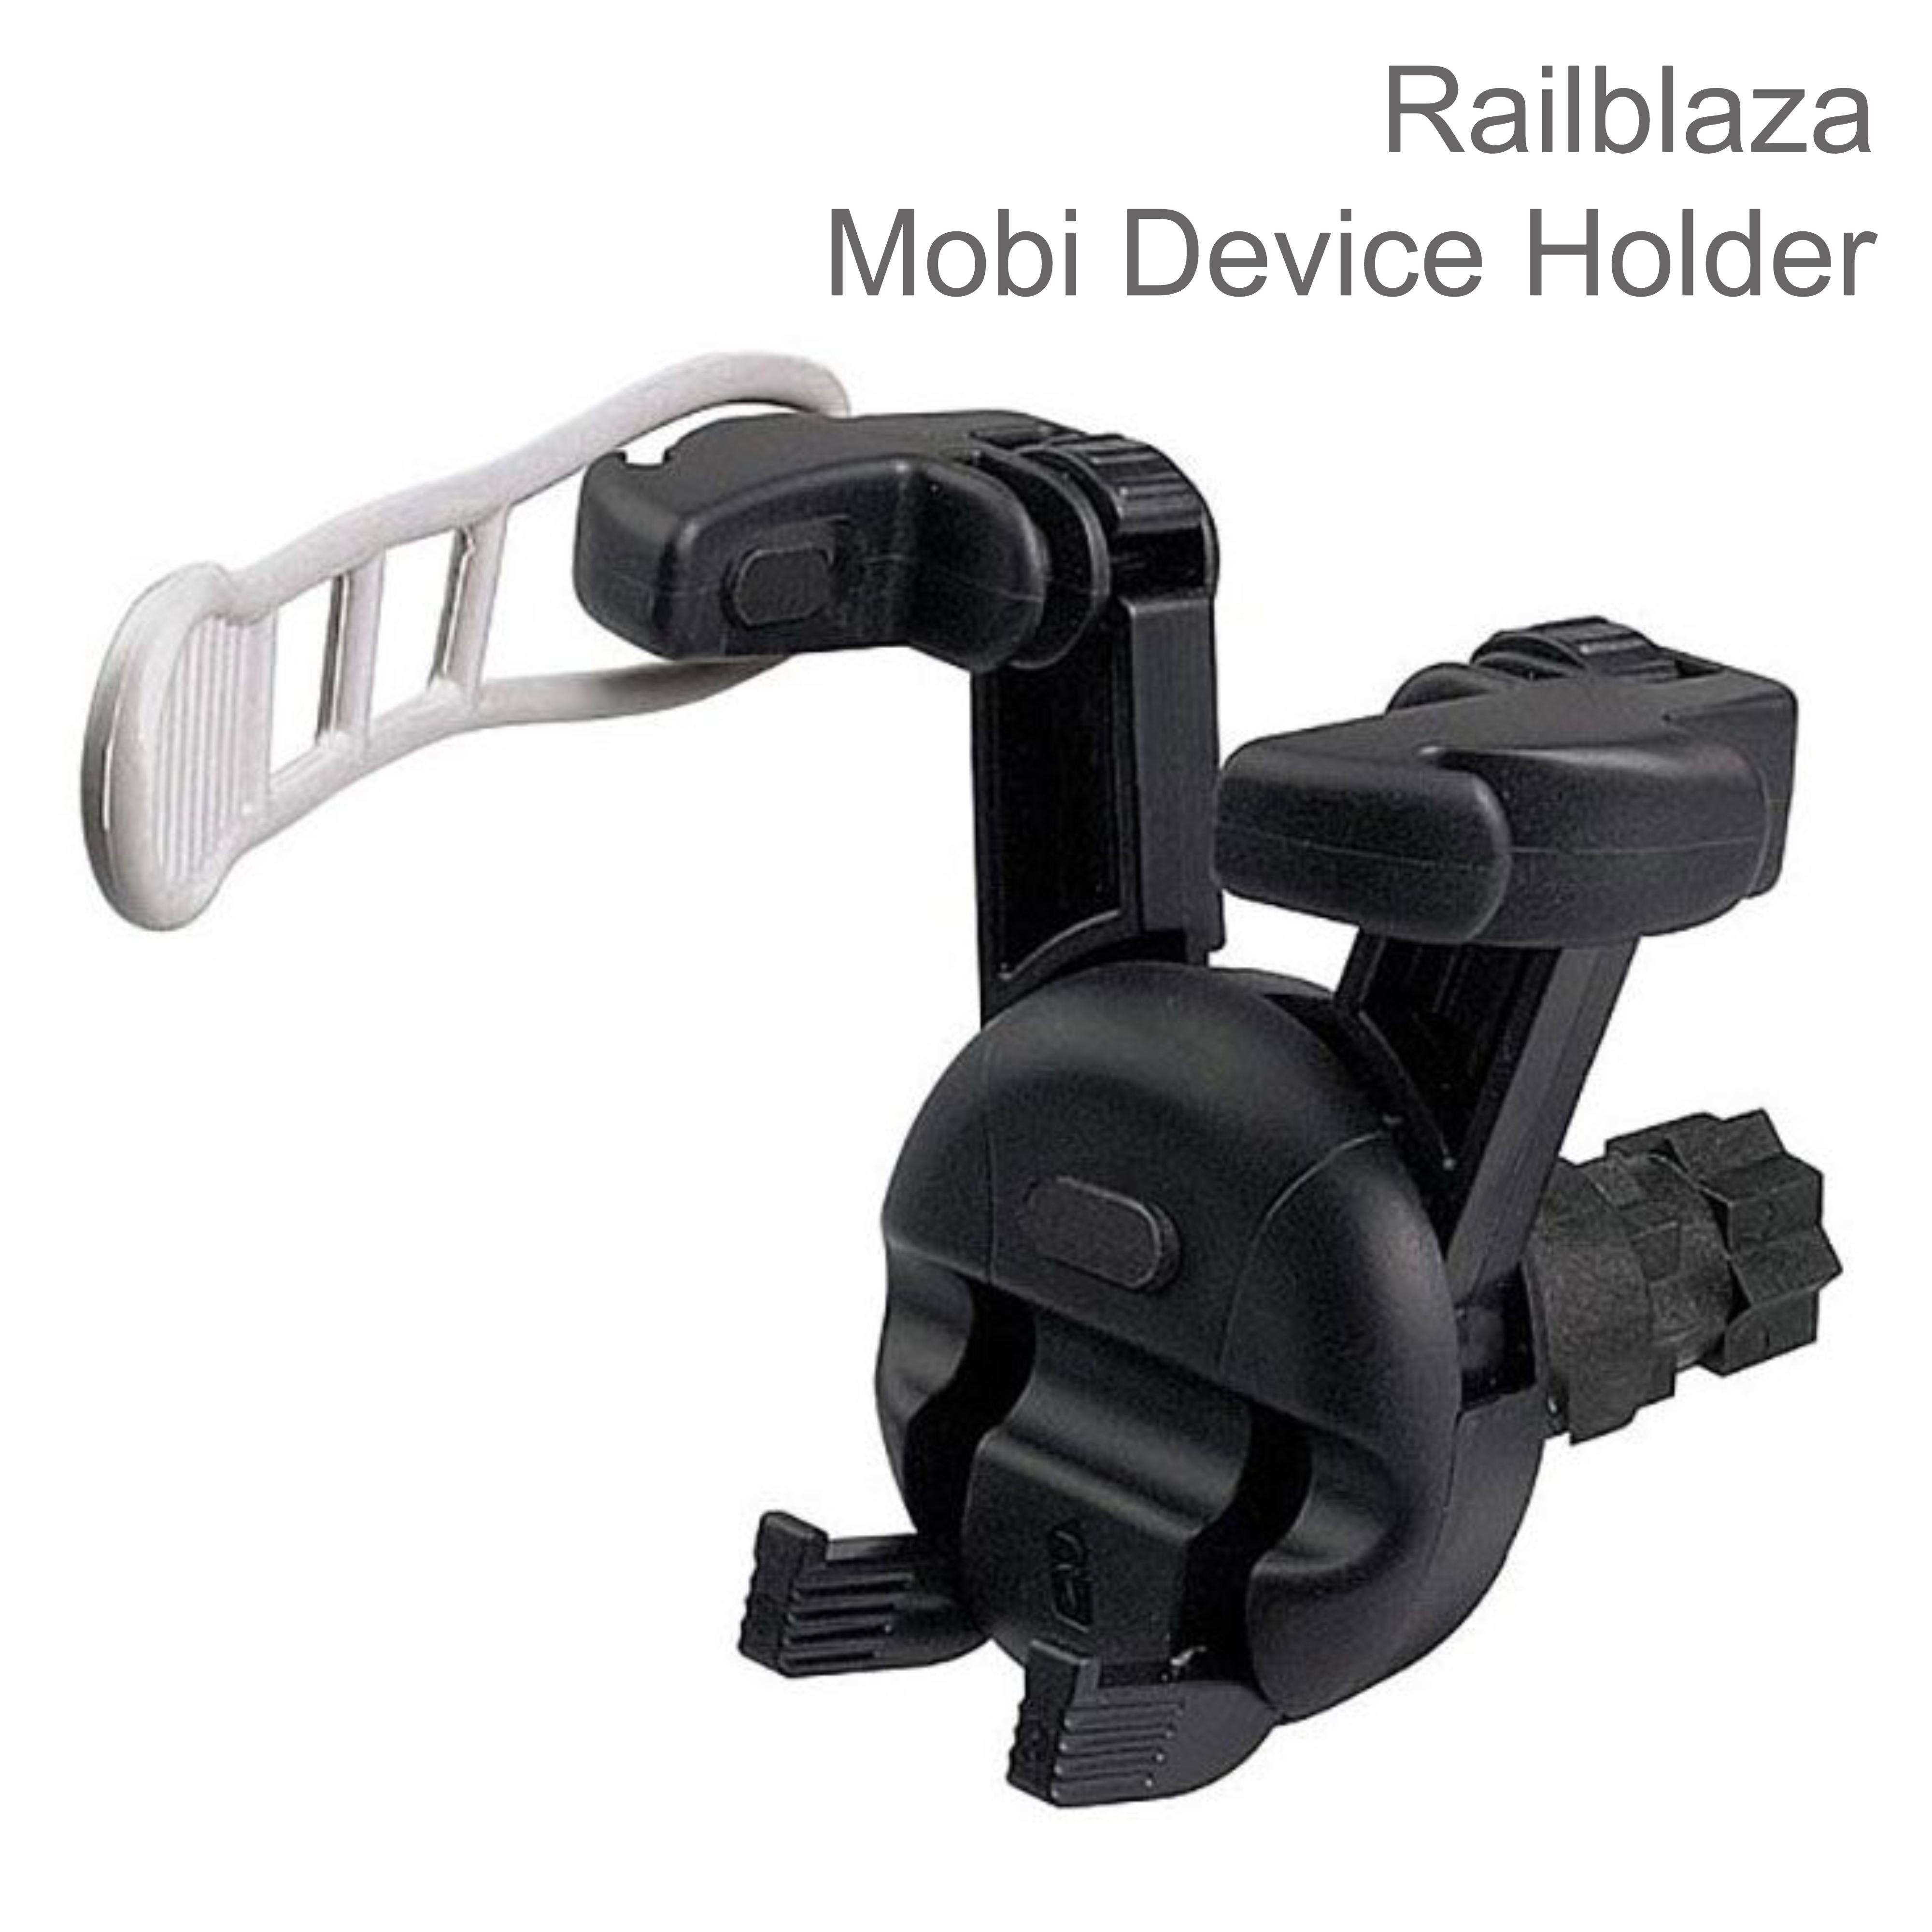 Railblaza 02403411 Mobi Device Holder Fixed | Use Mounting Phone-GPS-VHF-EPIRB